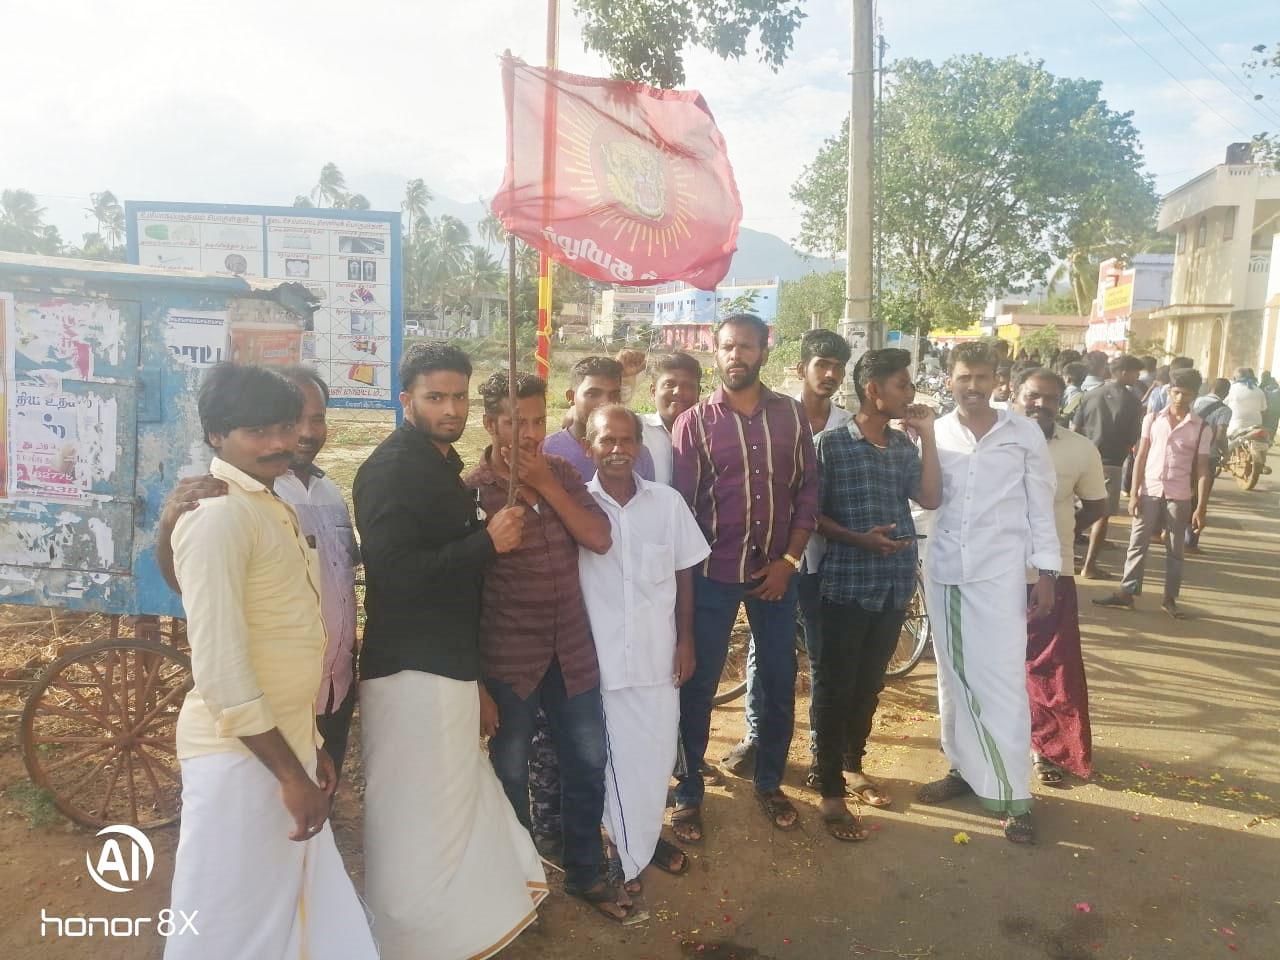 காமராசர் பிறந்த நாள் கொடியேற்றும் நிகழ்வு-கடையநல்லூர்